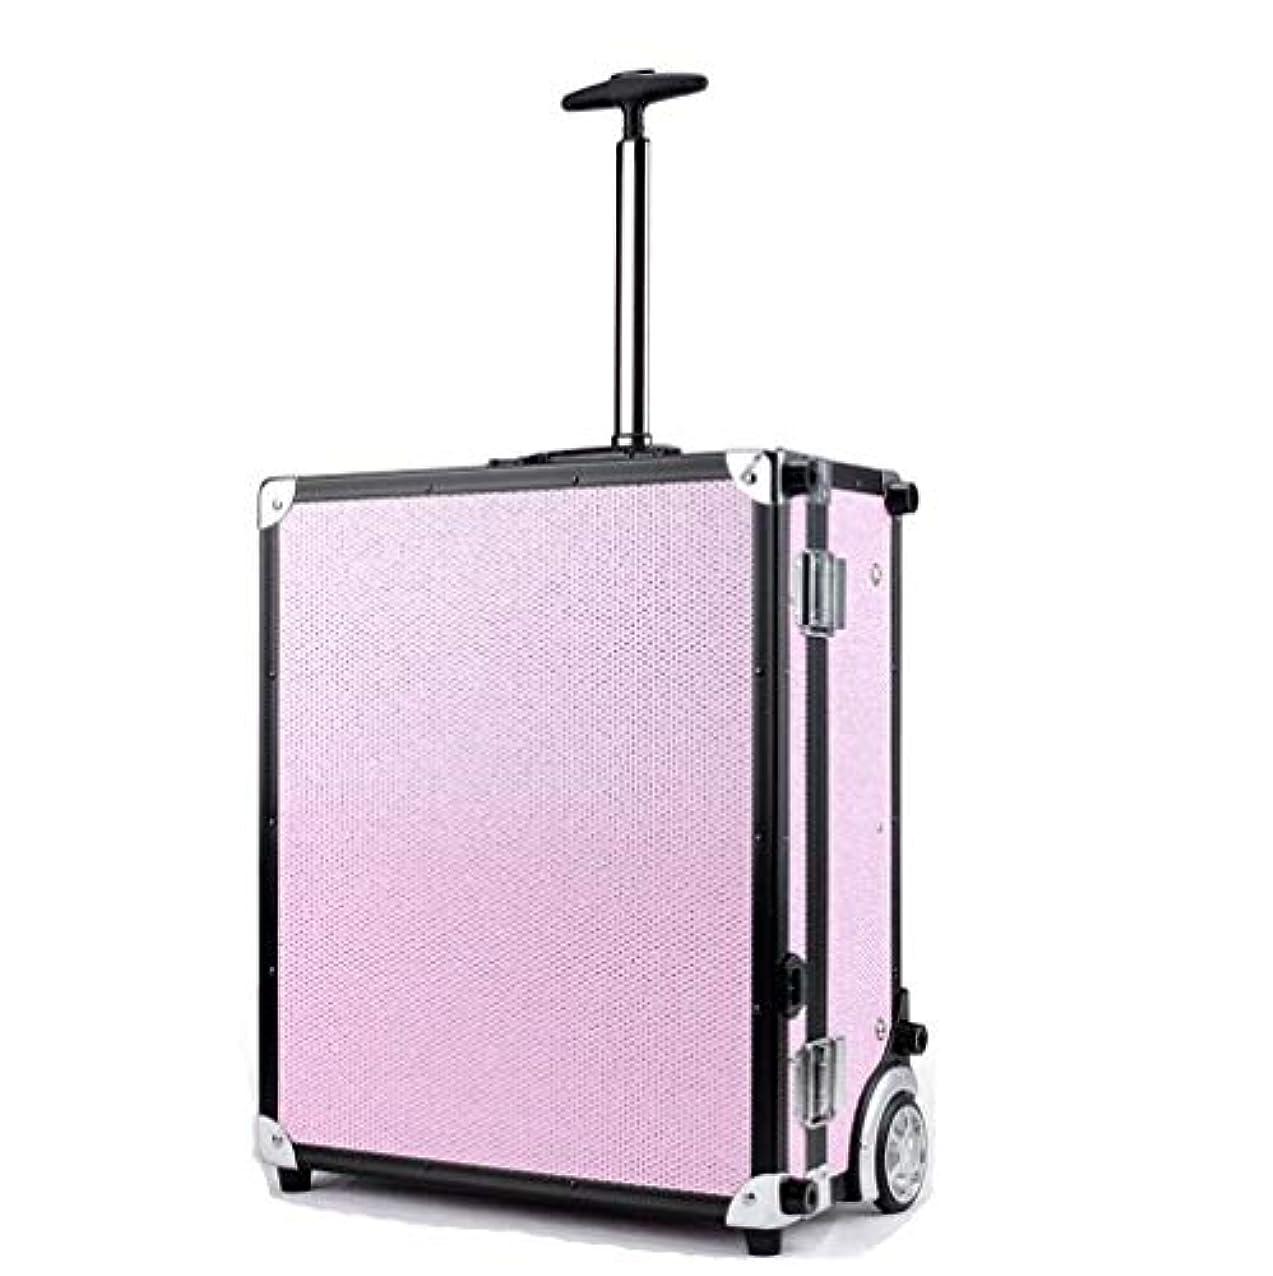 レタッチ科学者通常BUMC 化粧トロリーケース、大きい化粧化粧列車、LEDライト付き、ダイヤモンドオーガナイザーボックス収納付きプロフェッショナル多層化粧品ケース